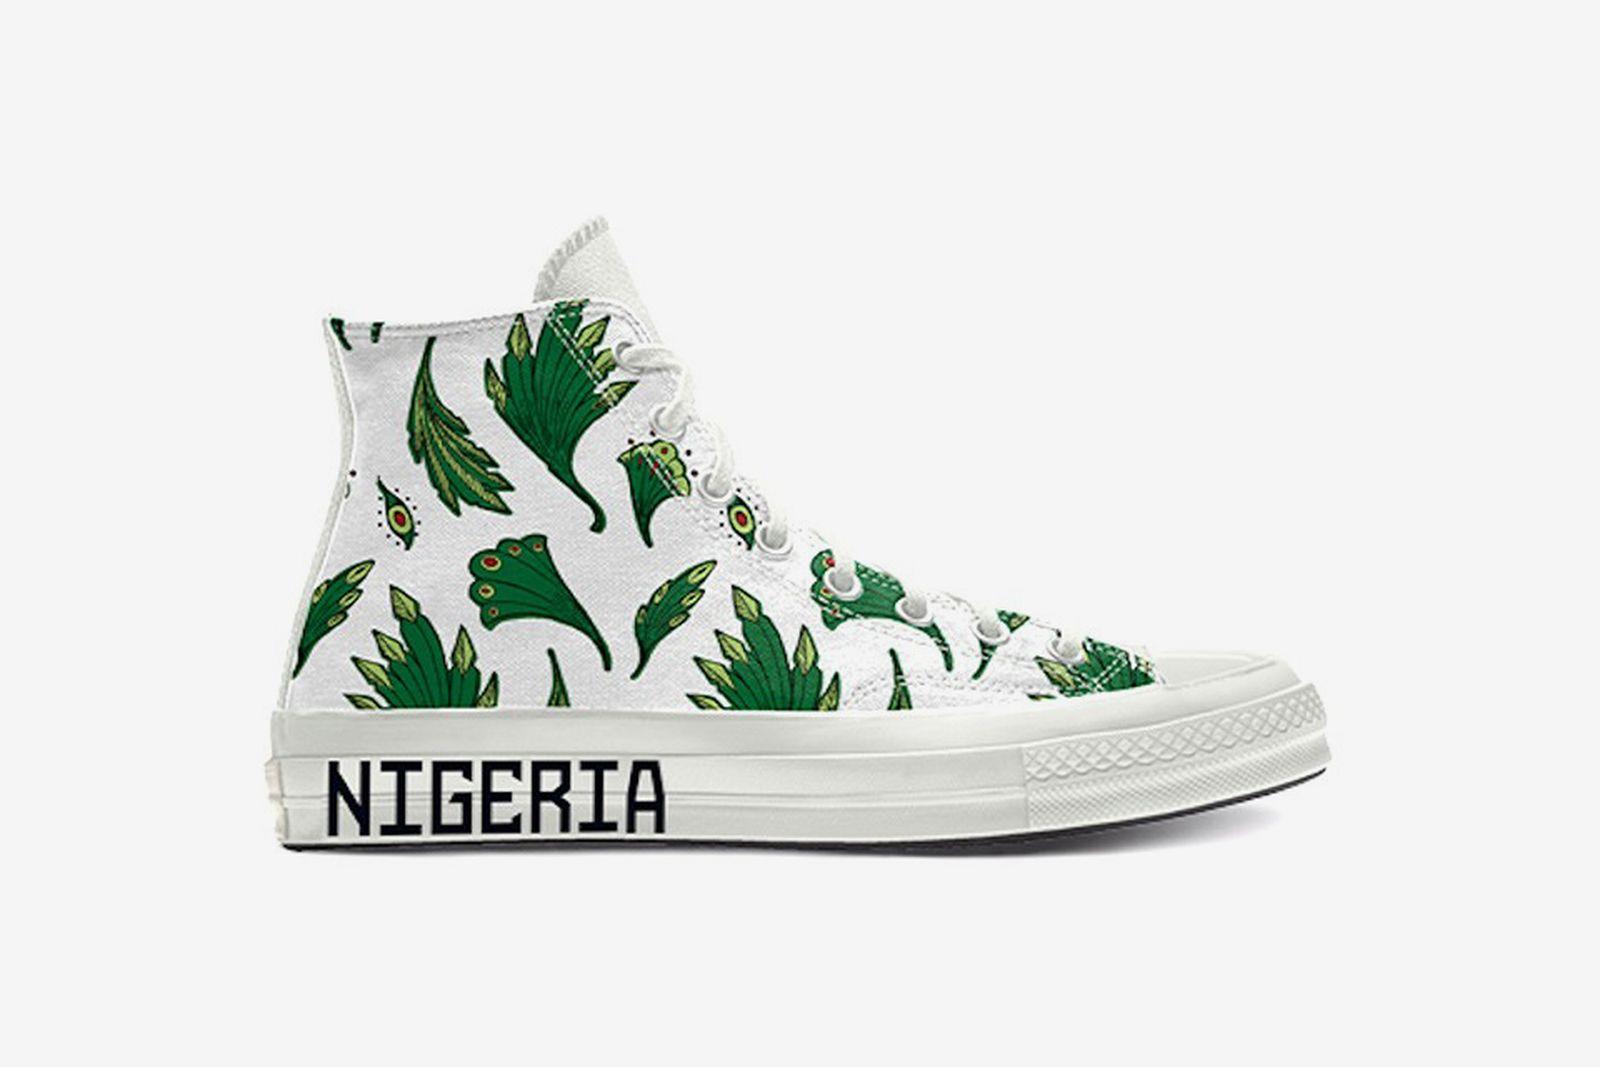 converse-chuck-70-nigeria-release-date-price-05